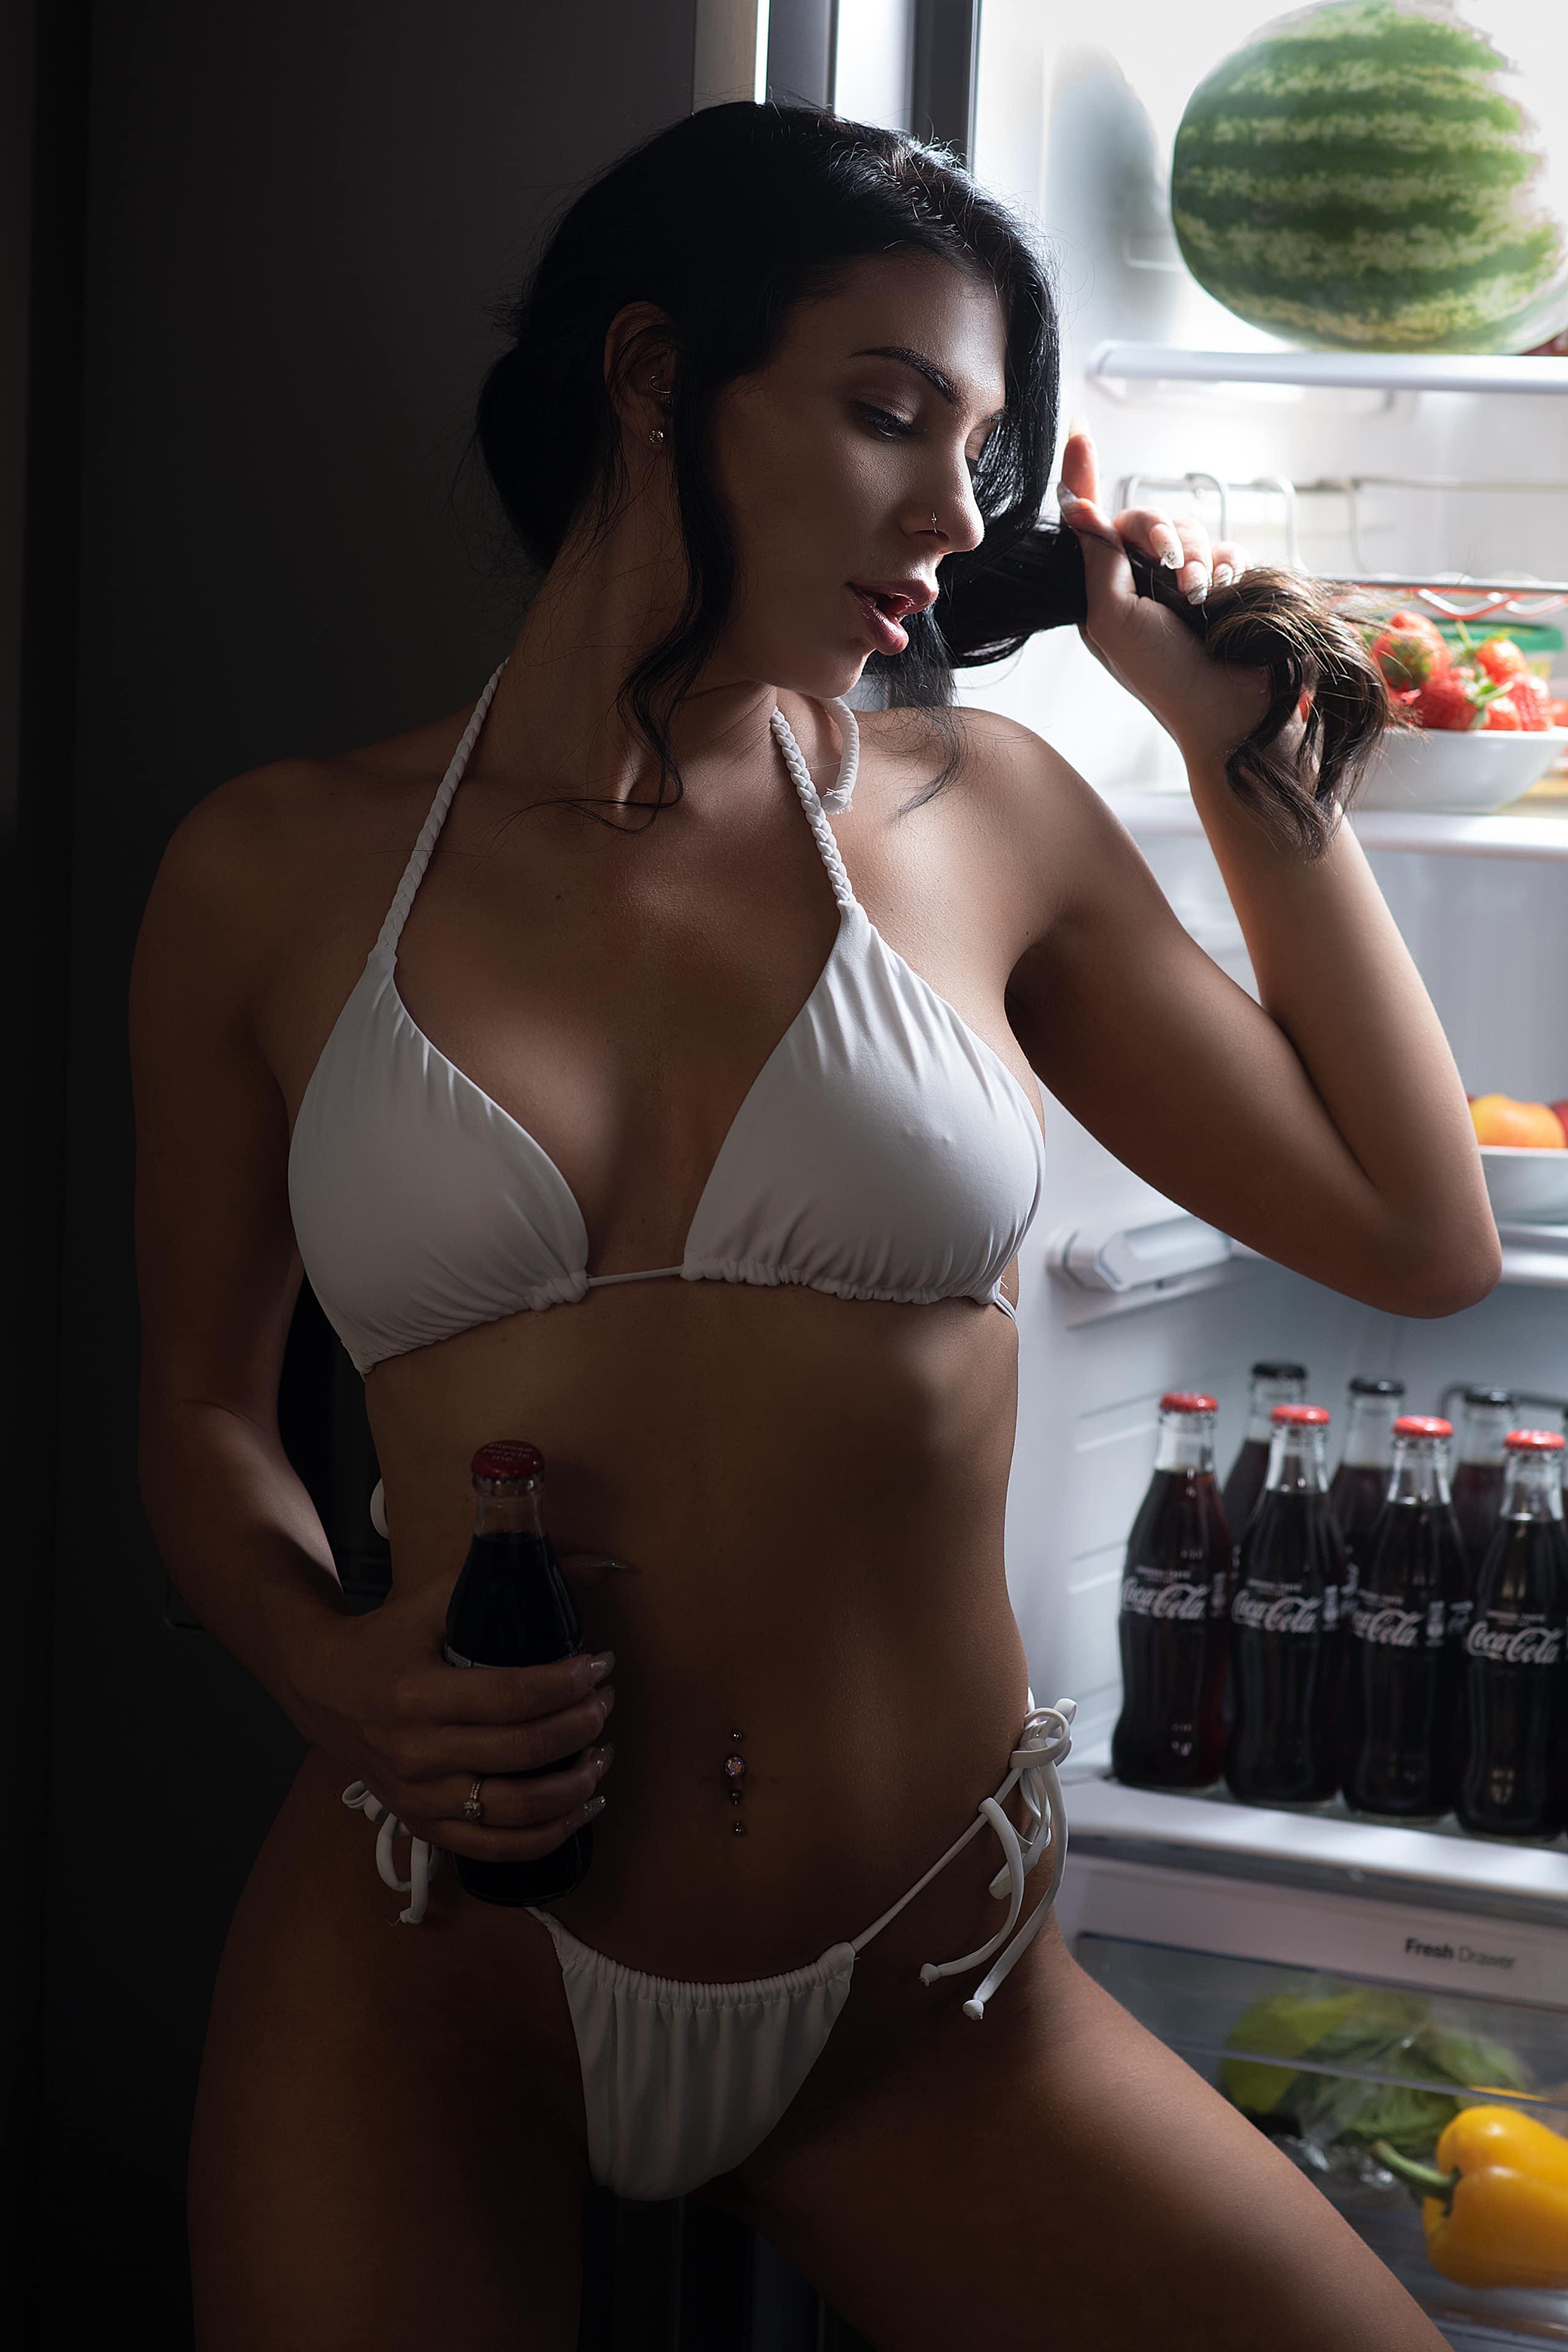 fridgefun07